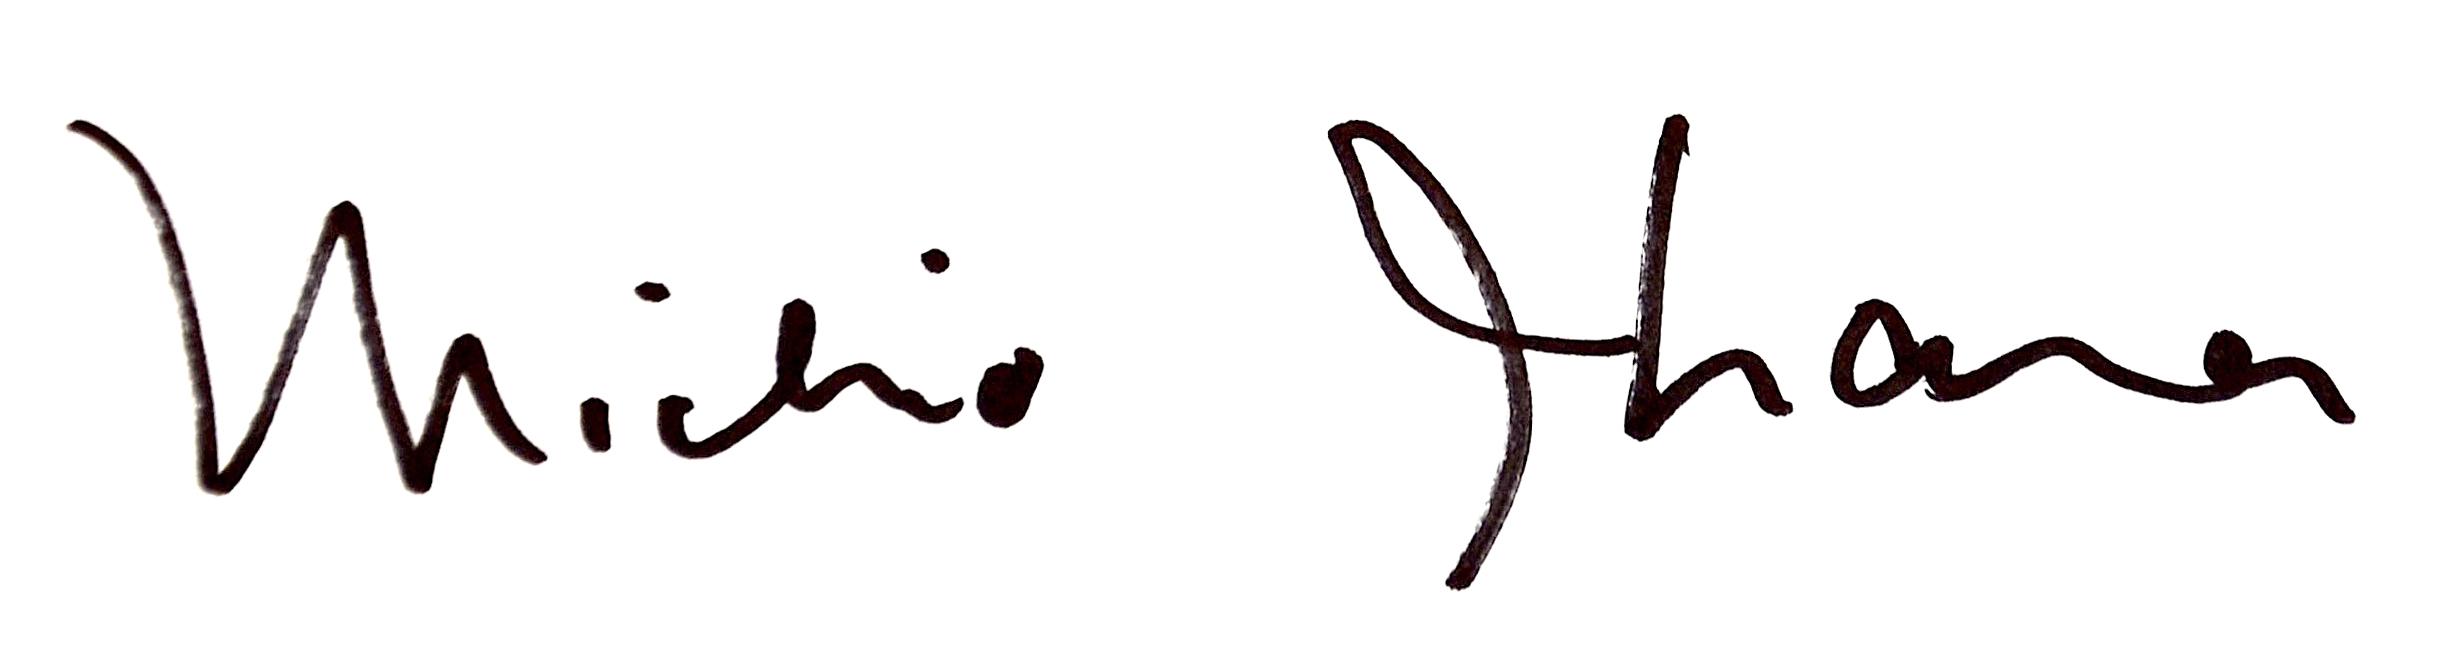 Michio Ihara's Signature